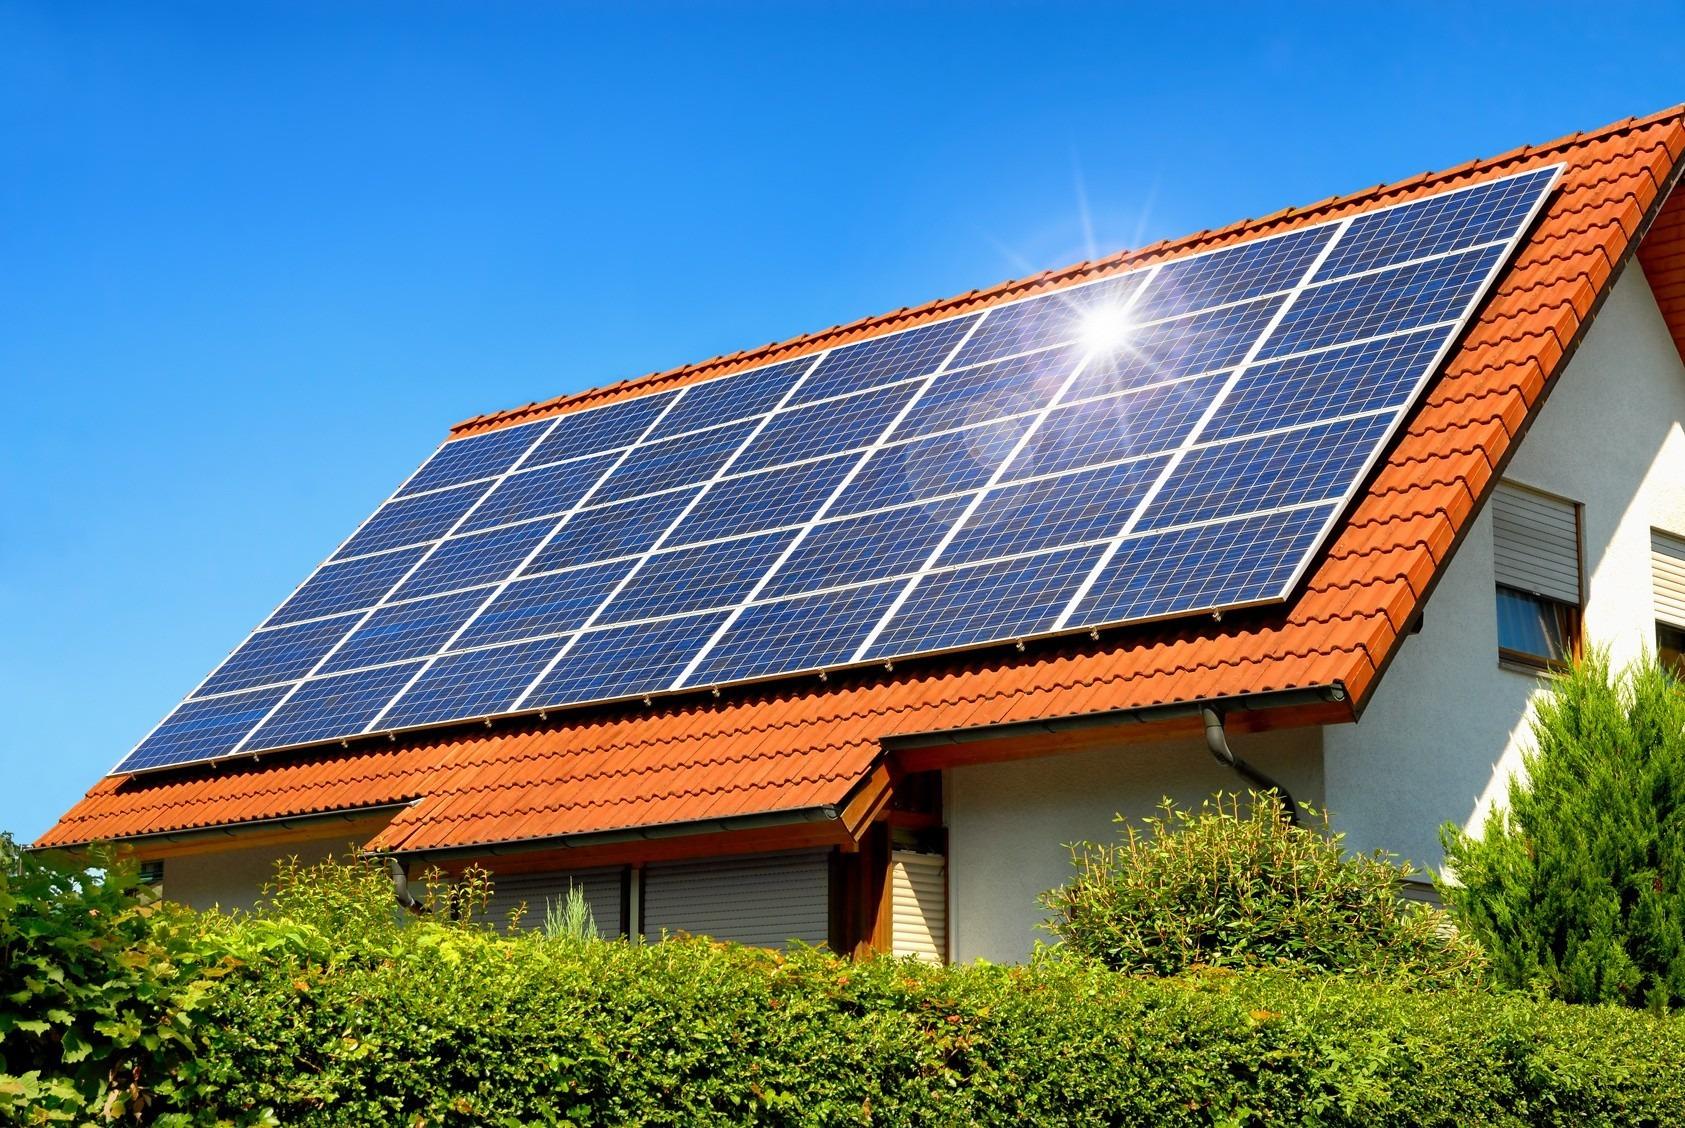 Perché scegliere il fotovoltaico?